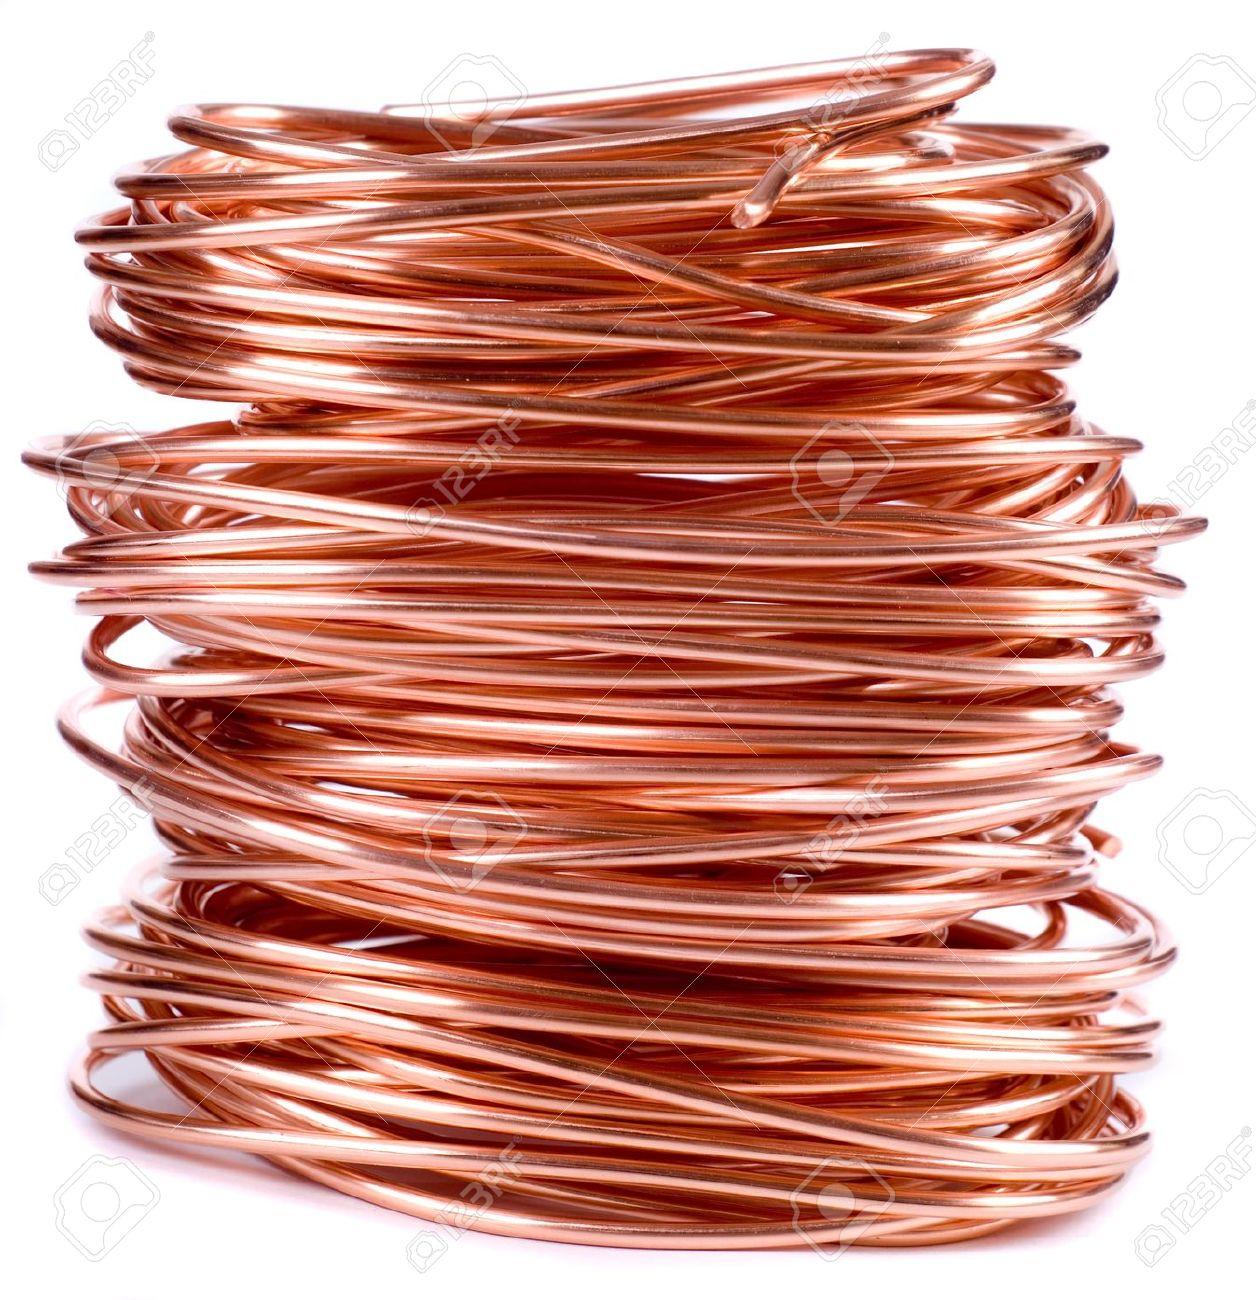 Copper Wire Clip Art.